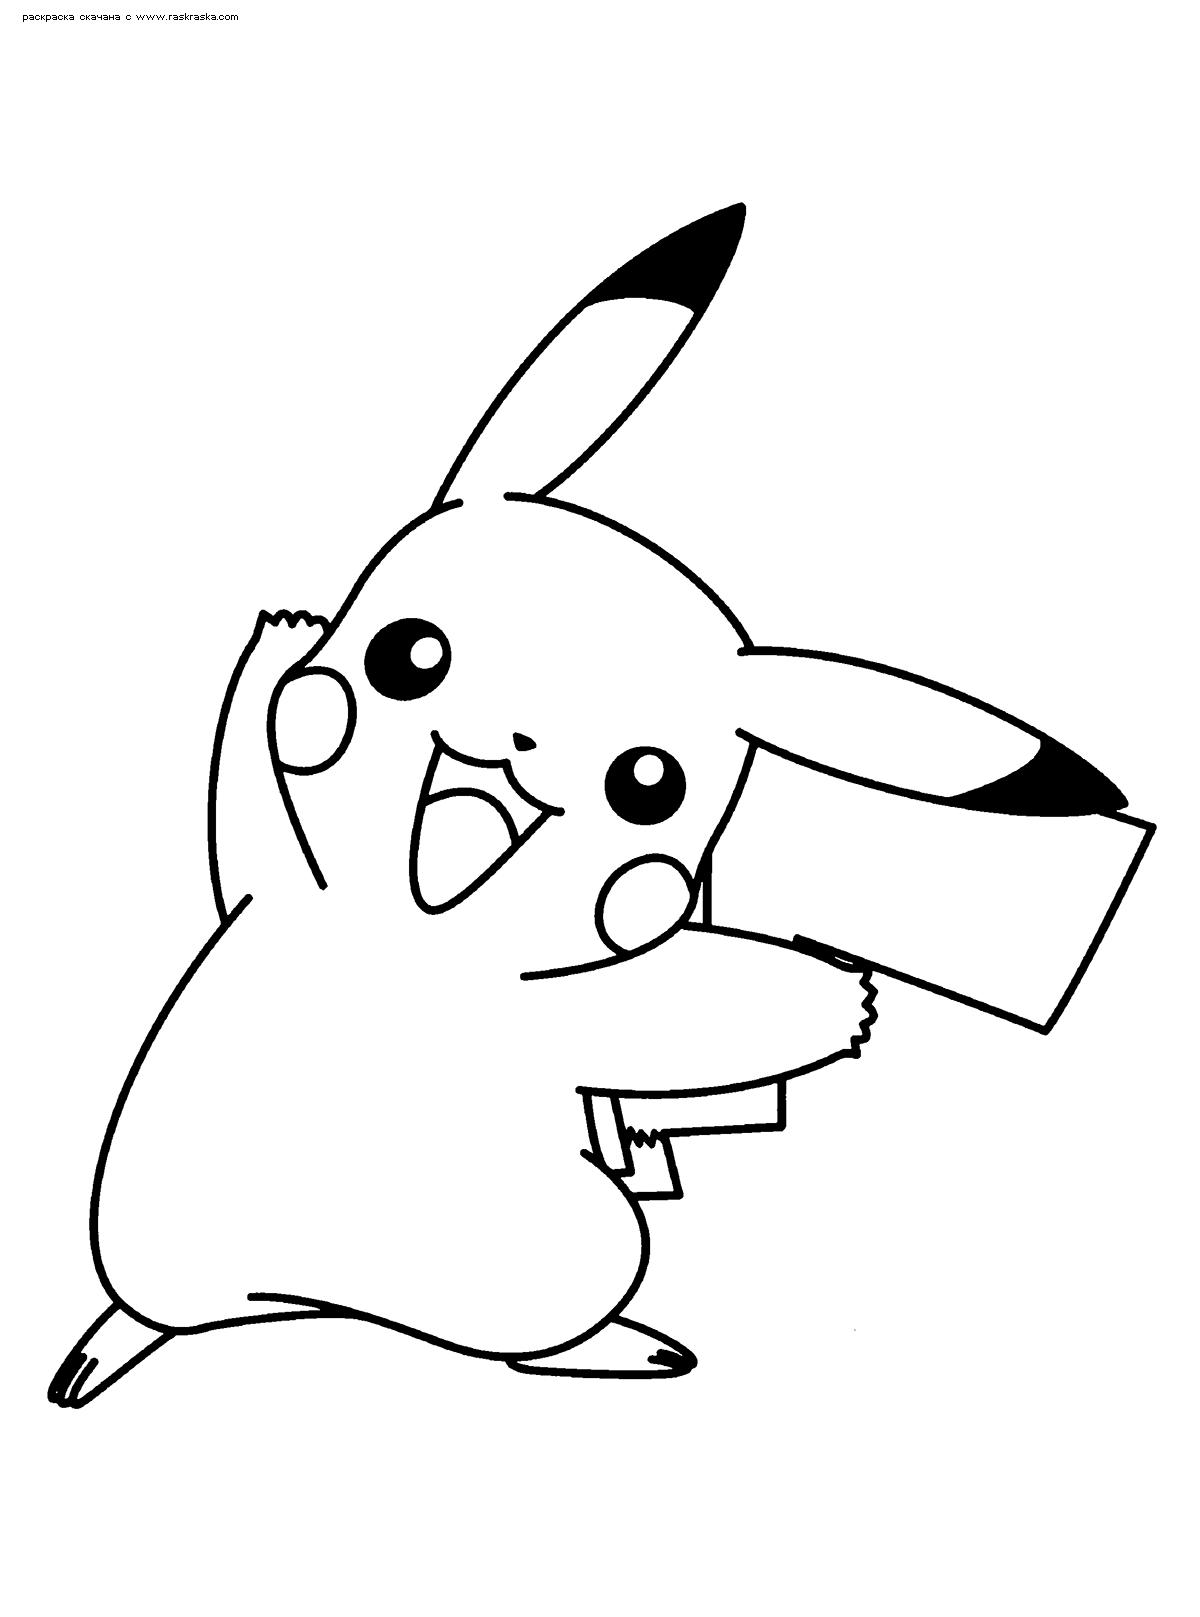 Раскраска Покемон Пикучу | Раскраски Пикачу (Pikachu)